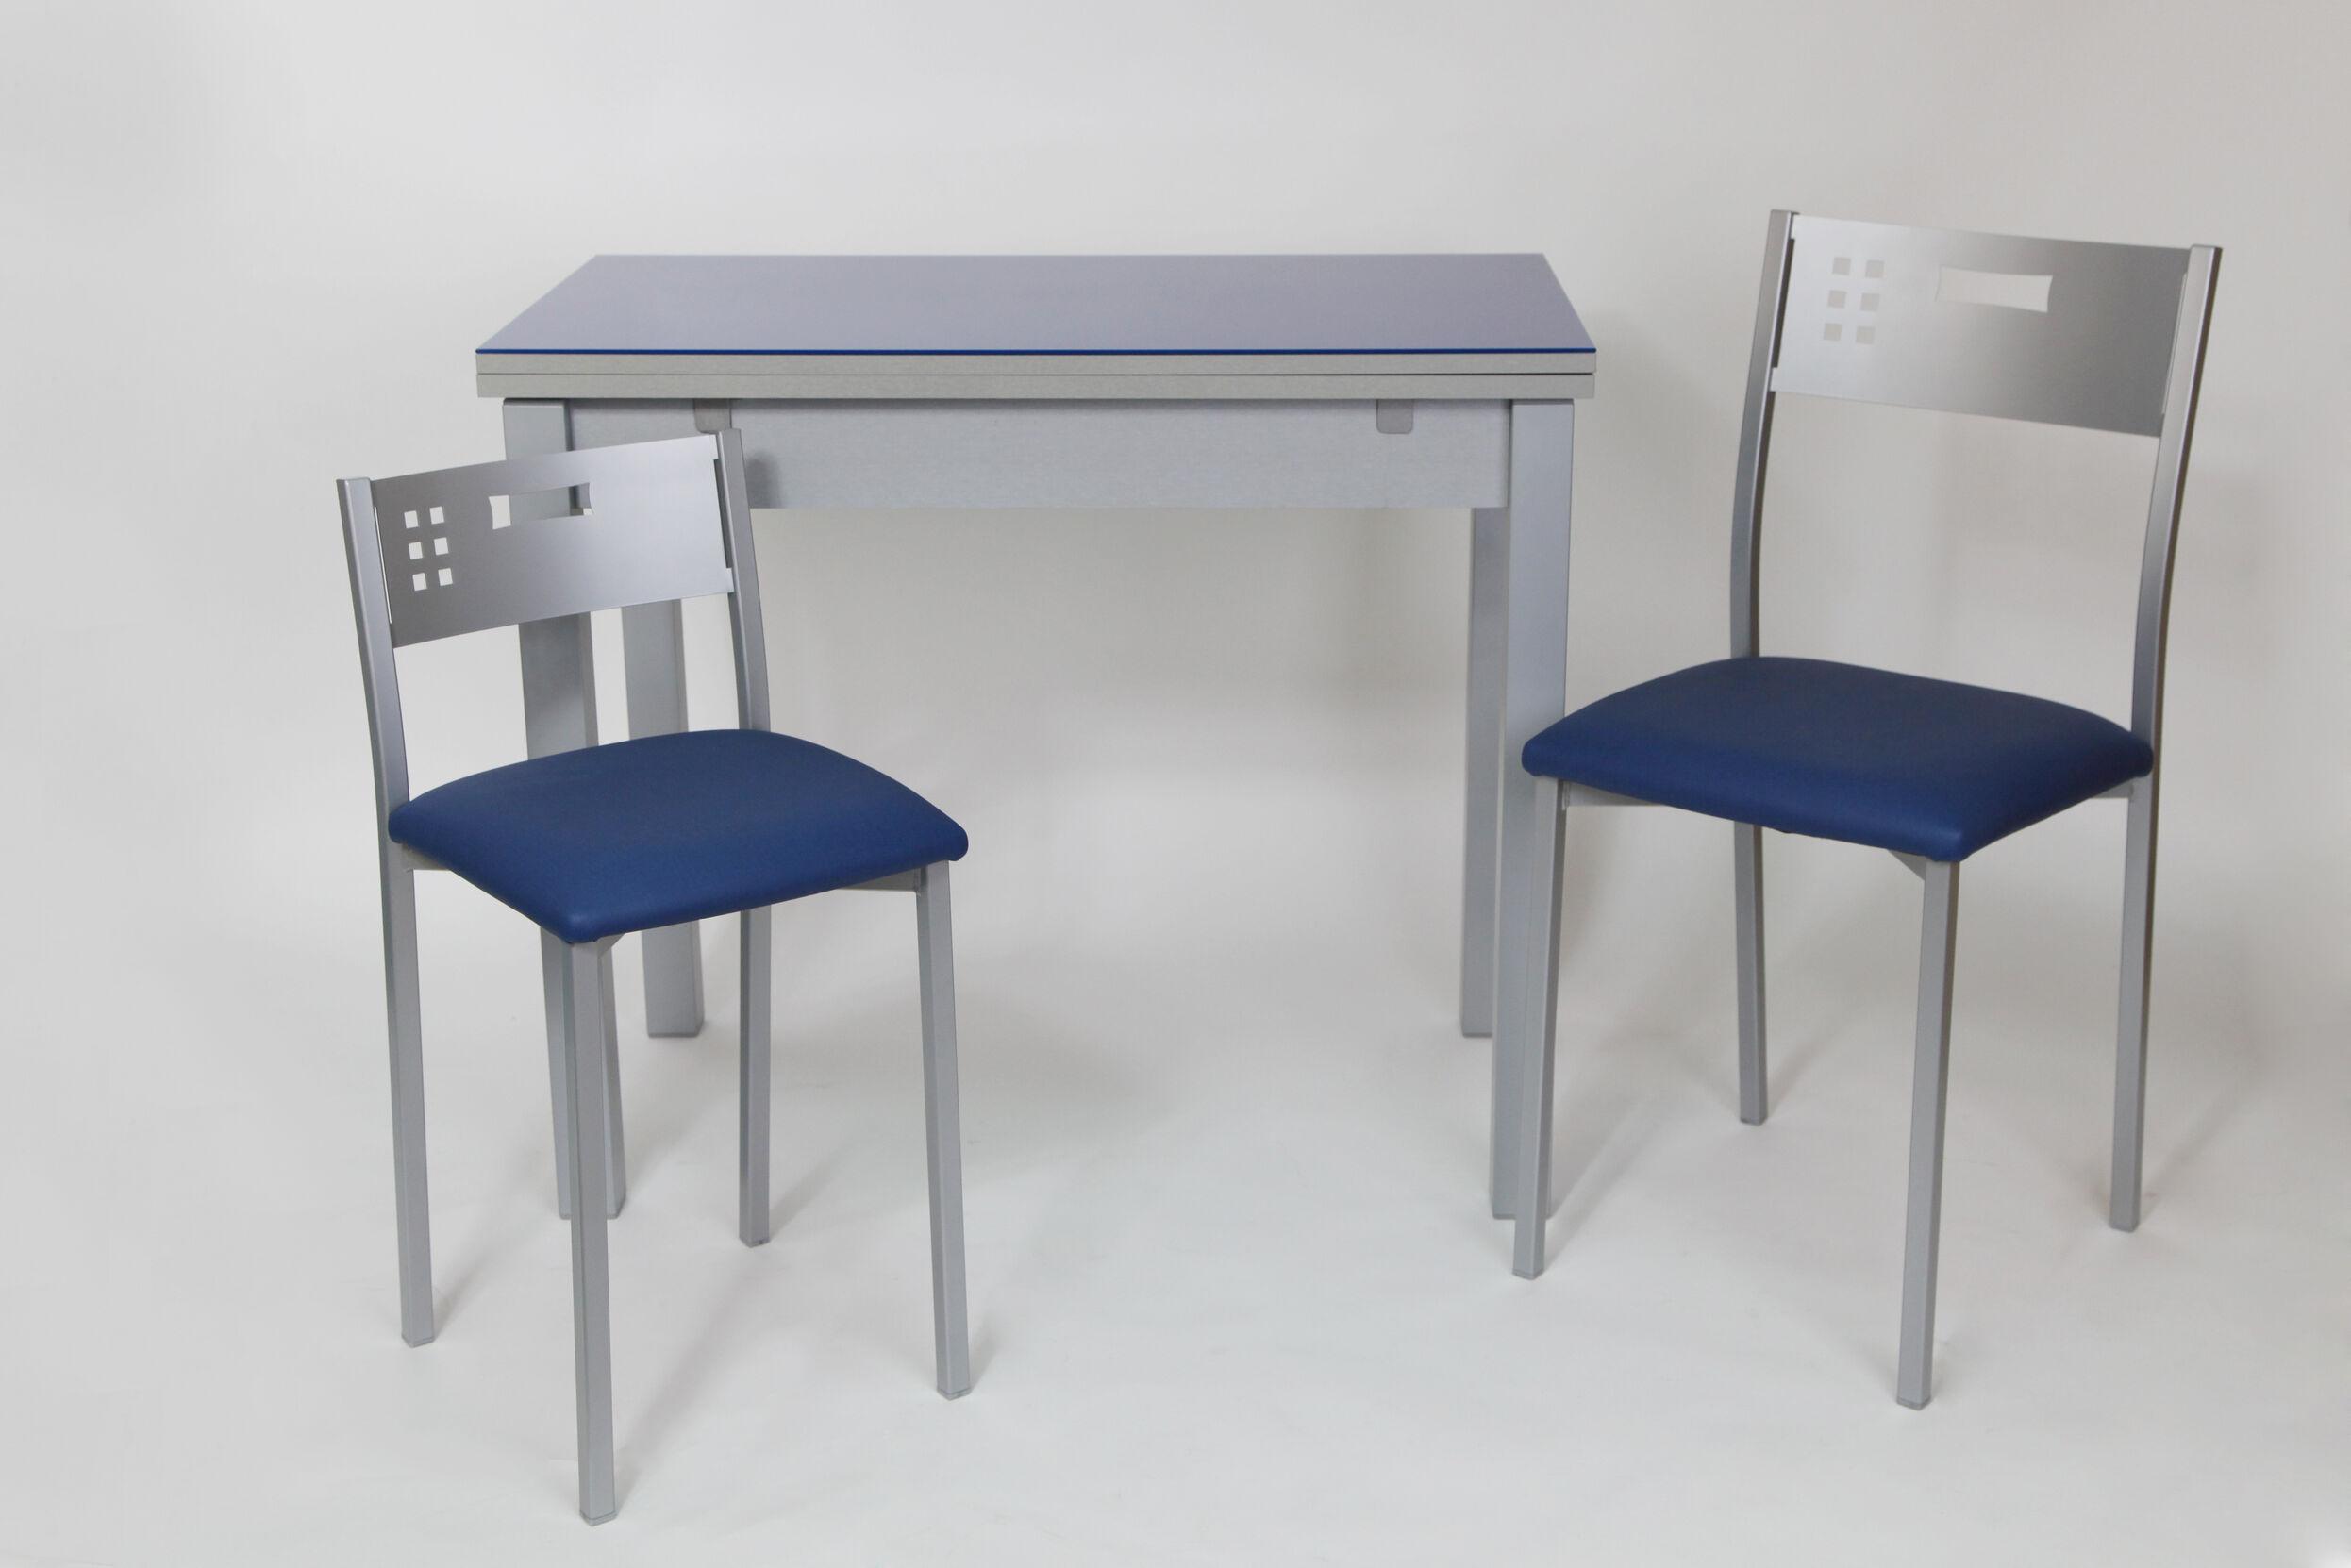 De muebles madrid muebles de bano en madrid muebles con for Subastas muebles madrid